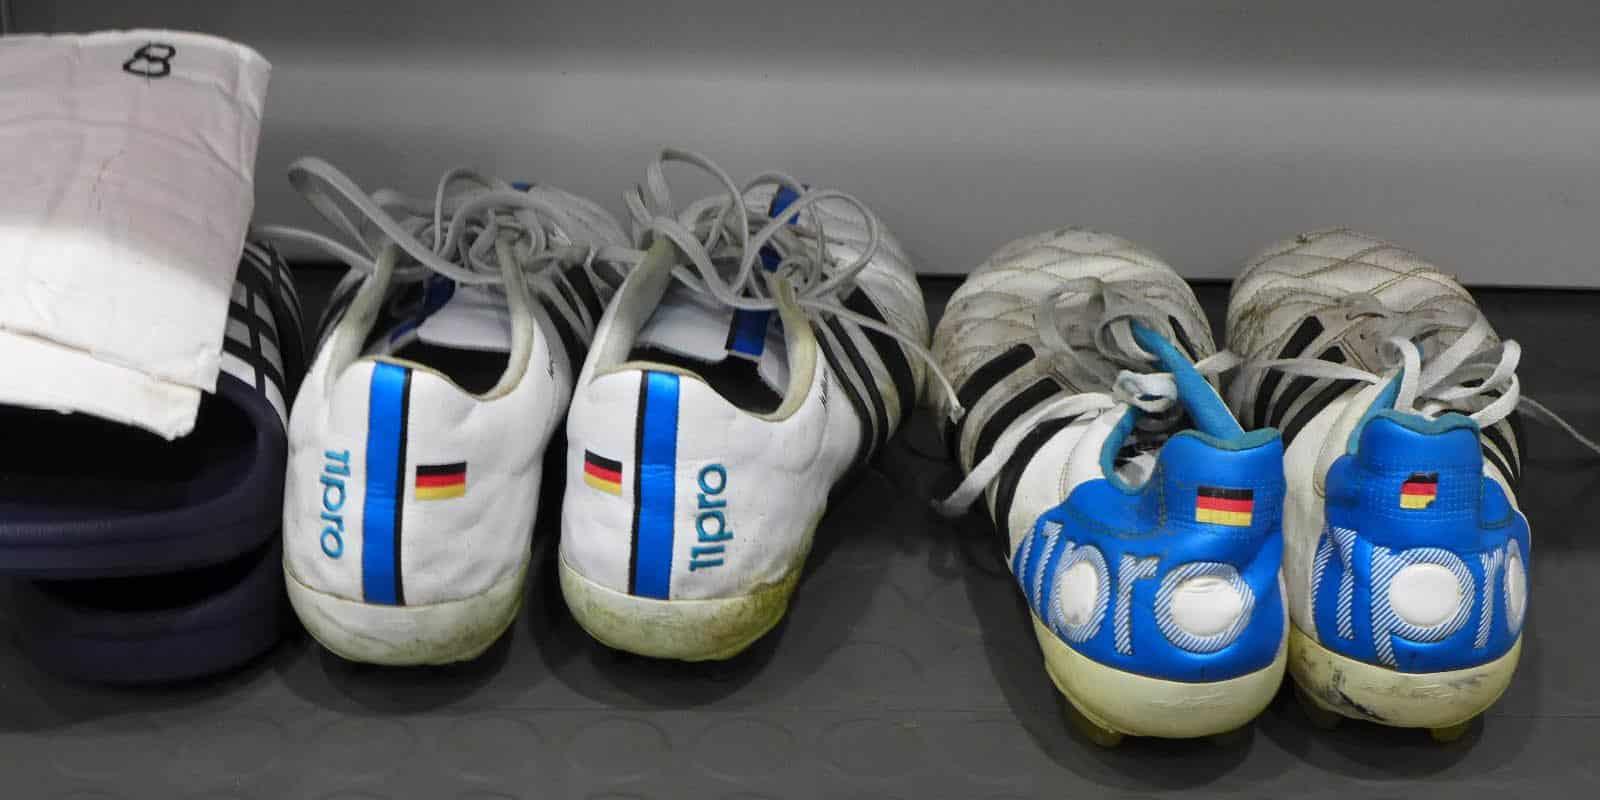 Toni-Kroos-adidas-Adipure-11pro-2013-2014